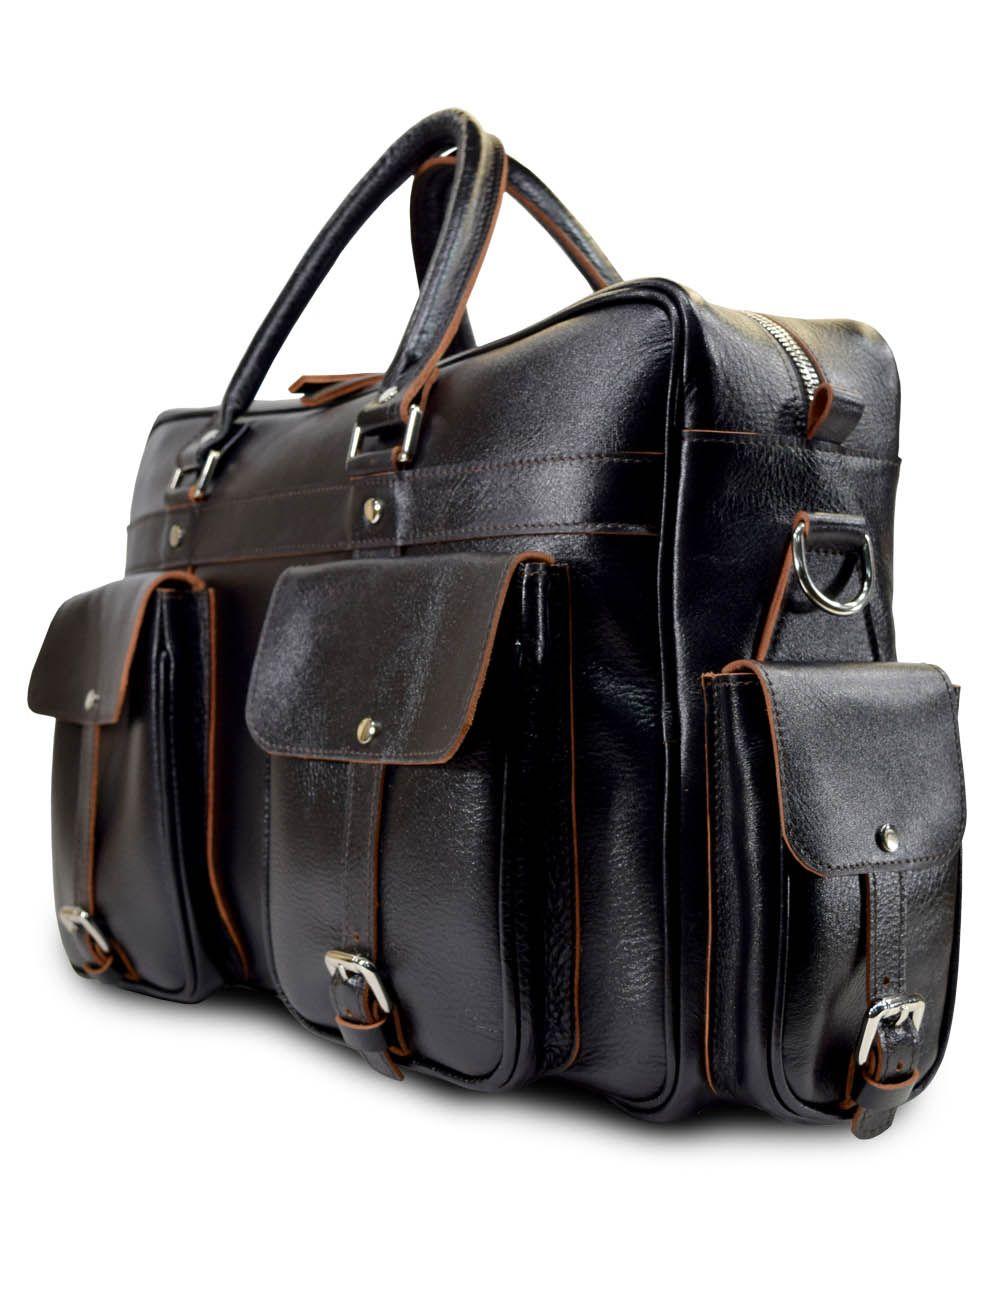 9399bf0c409e Мужская сумка на каждый день Pilot Вместительная и функциональная мужская  сумка. Со множеством наружных карманов